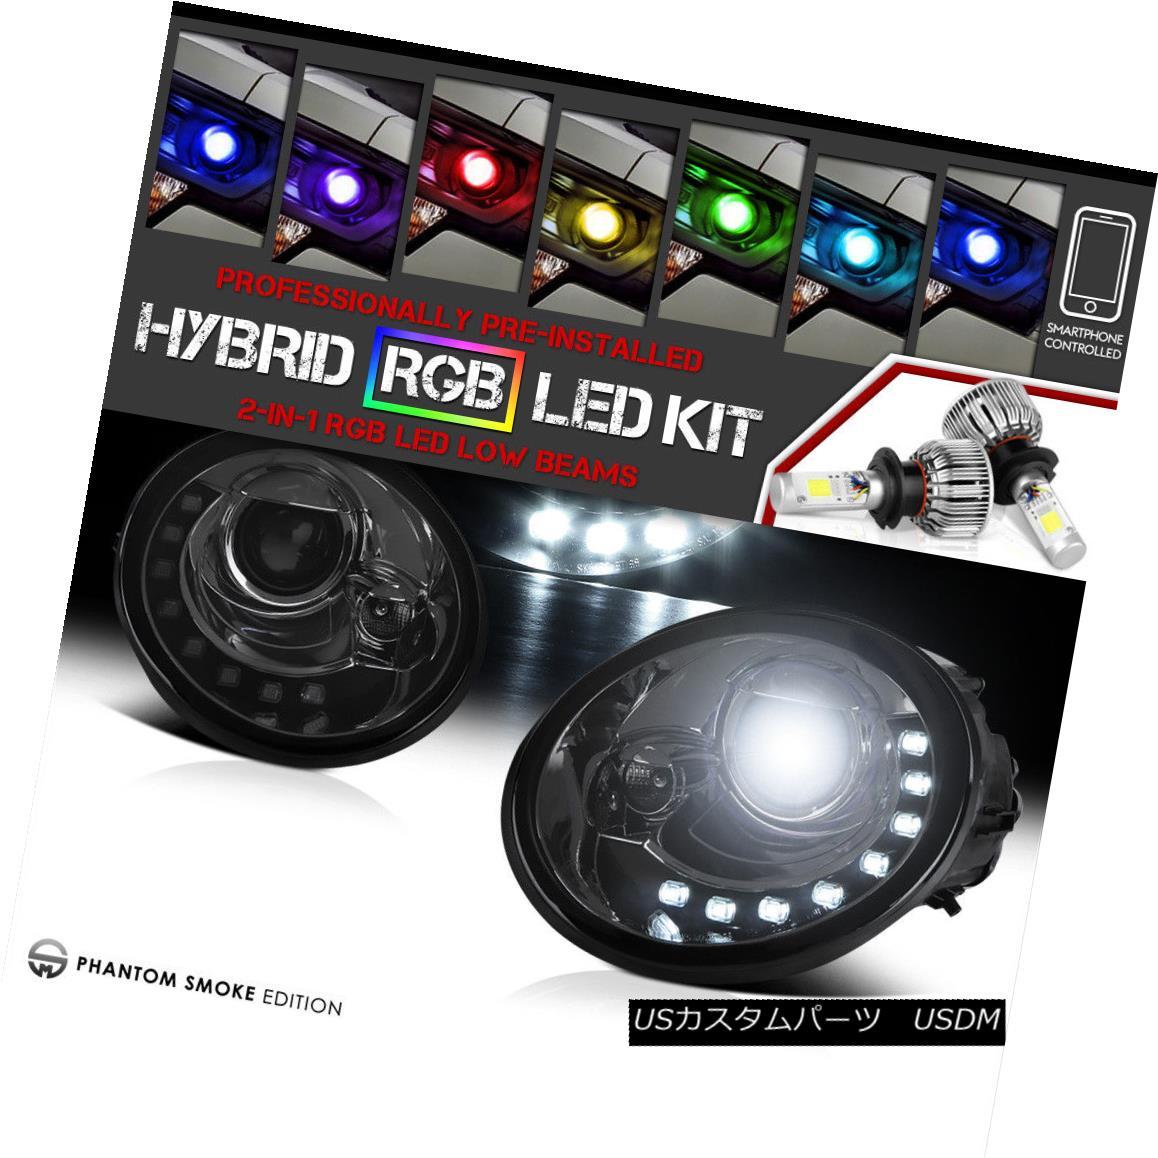 ヘッドライト [COLOR CHANGING LED LOW BEAM] 98-2005 Volkswagen Beetle